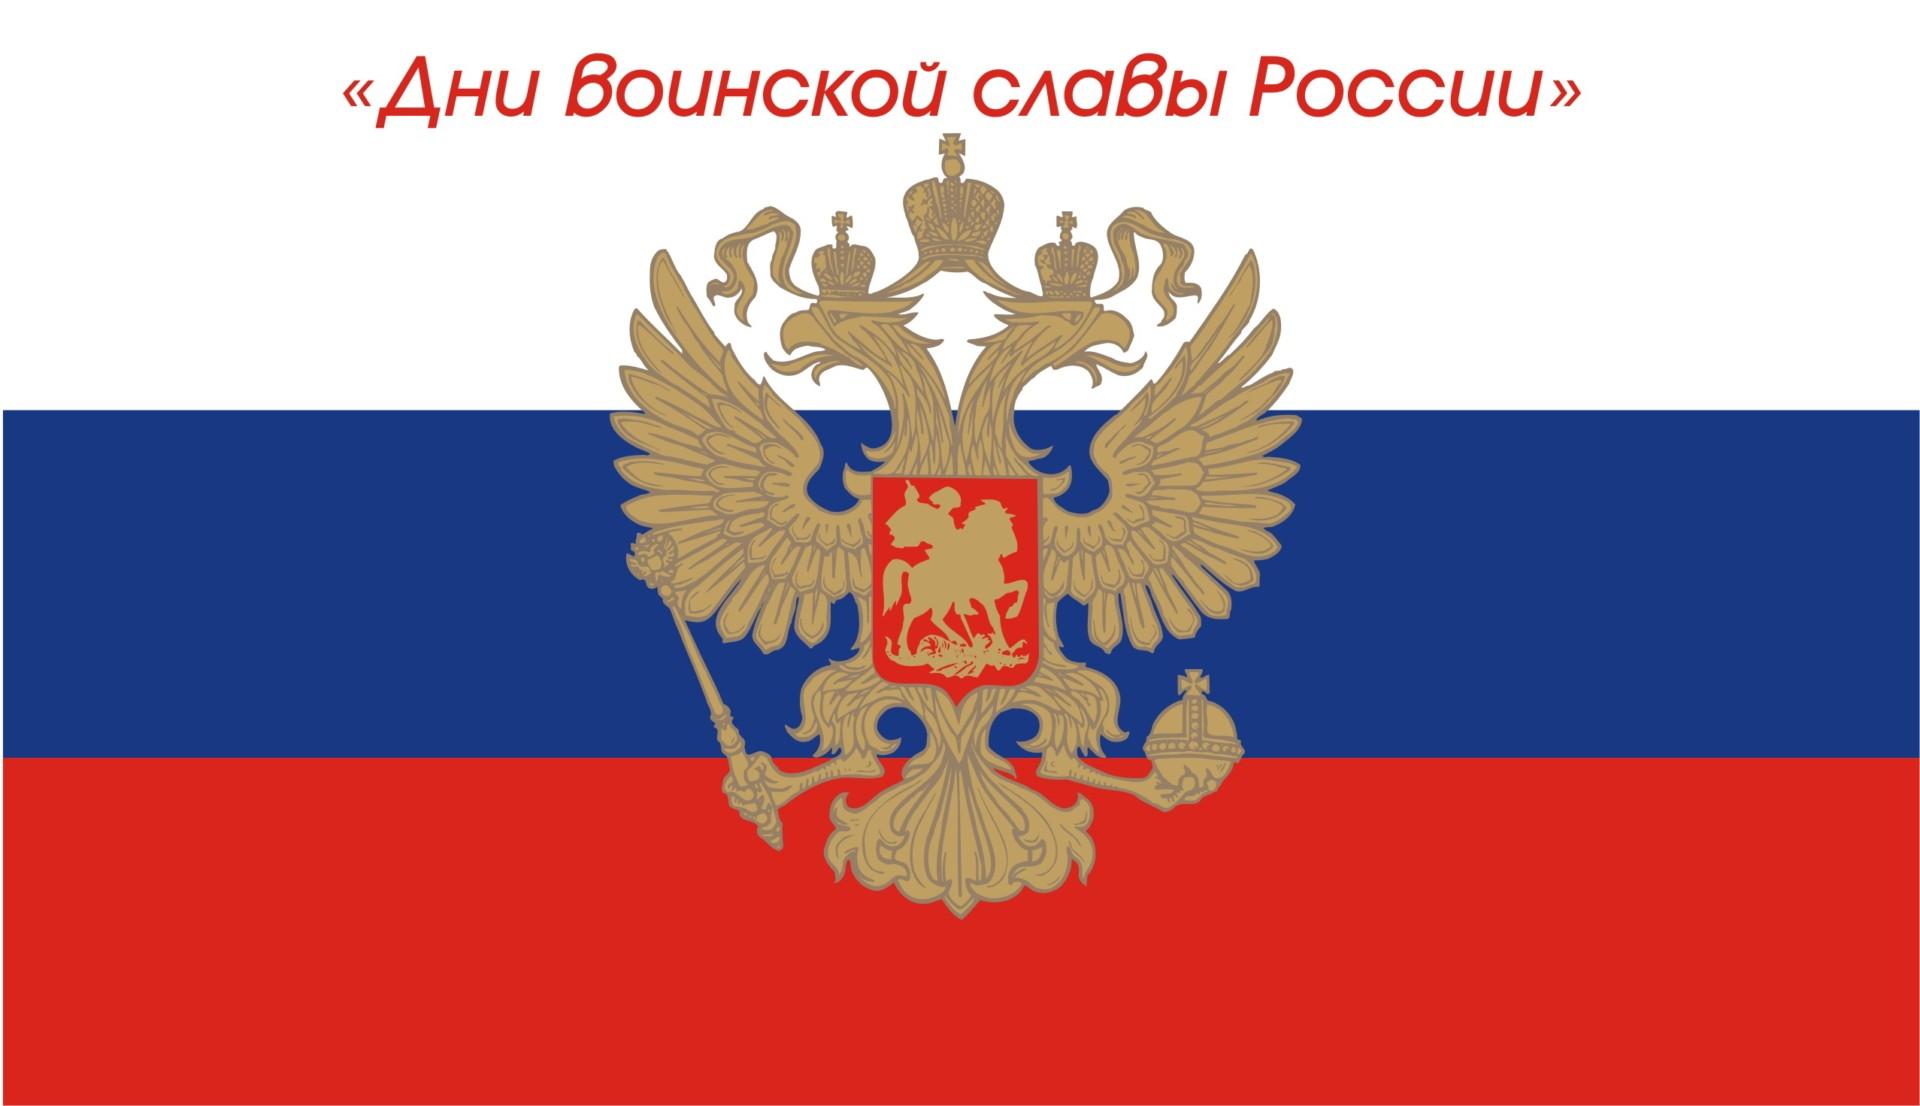 заставка Днивоинской славы России